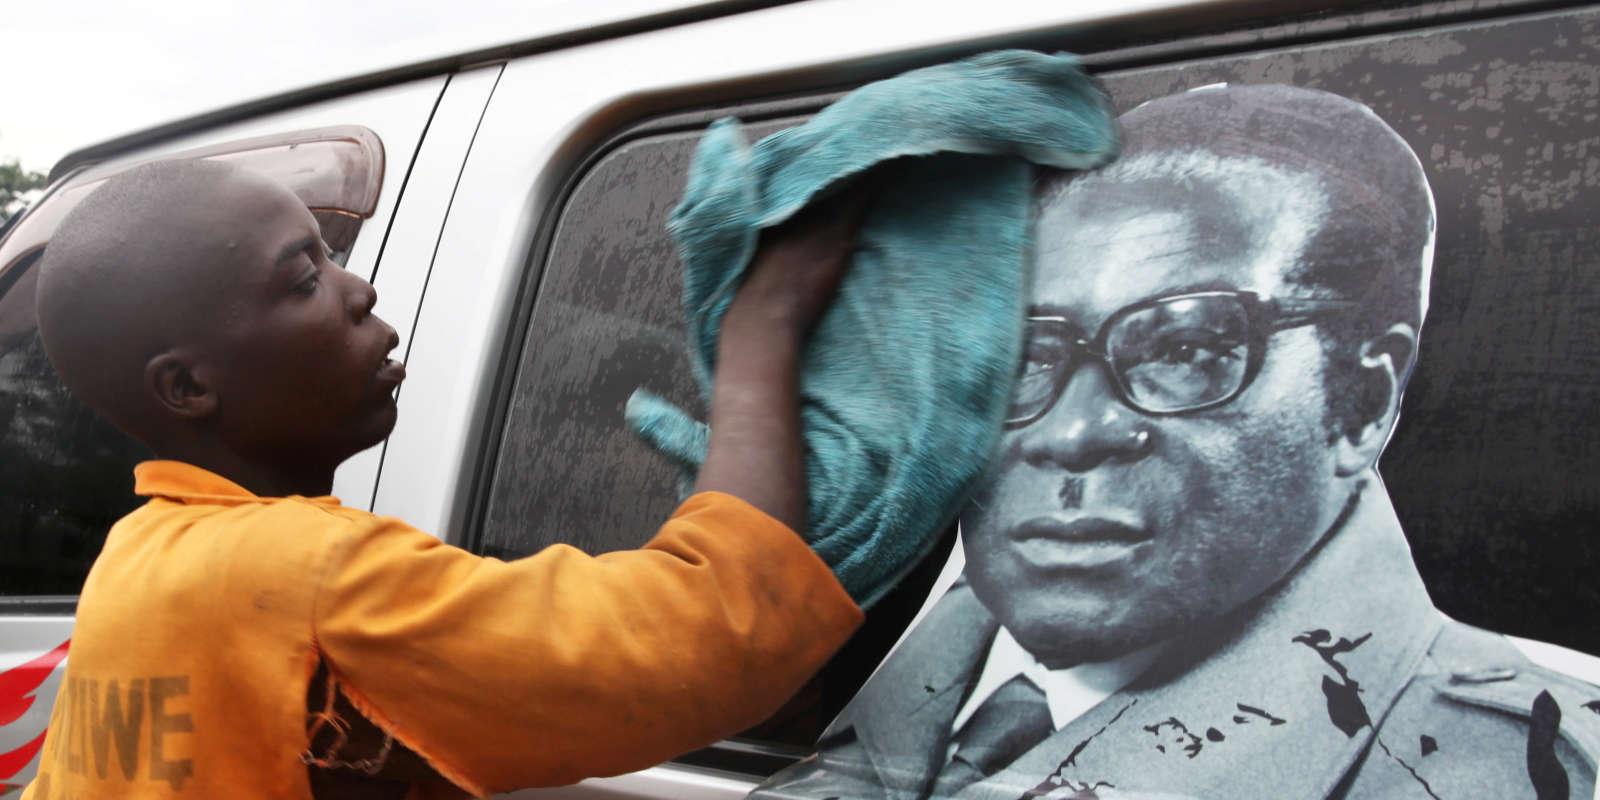 Un homme nettoie un minibus sur lequel figure une image du President Robert Mugabe, à Harare le 15 novembre.